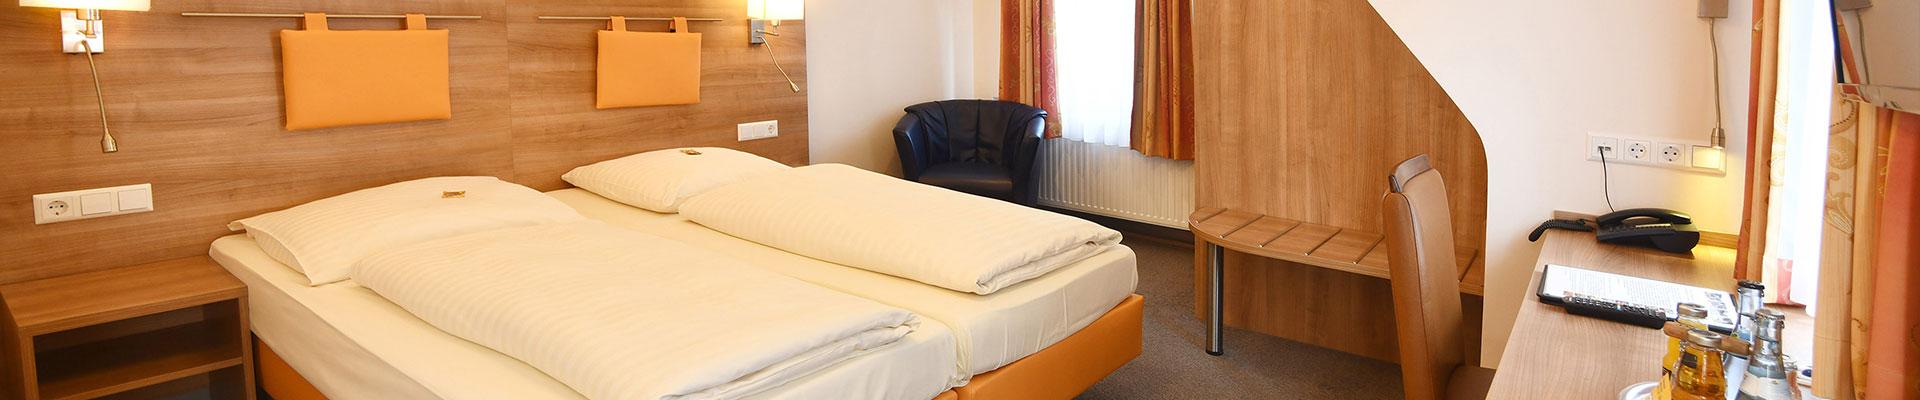 Slide Hotel KL